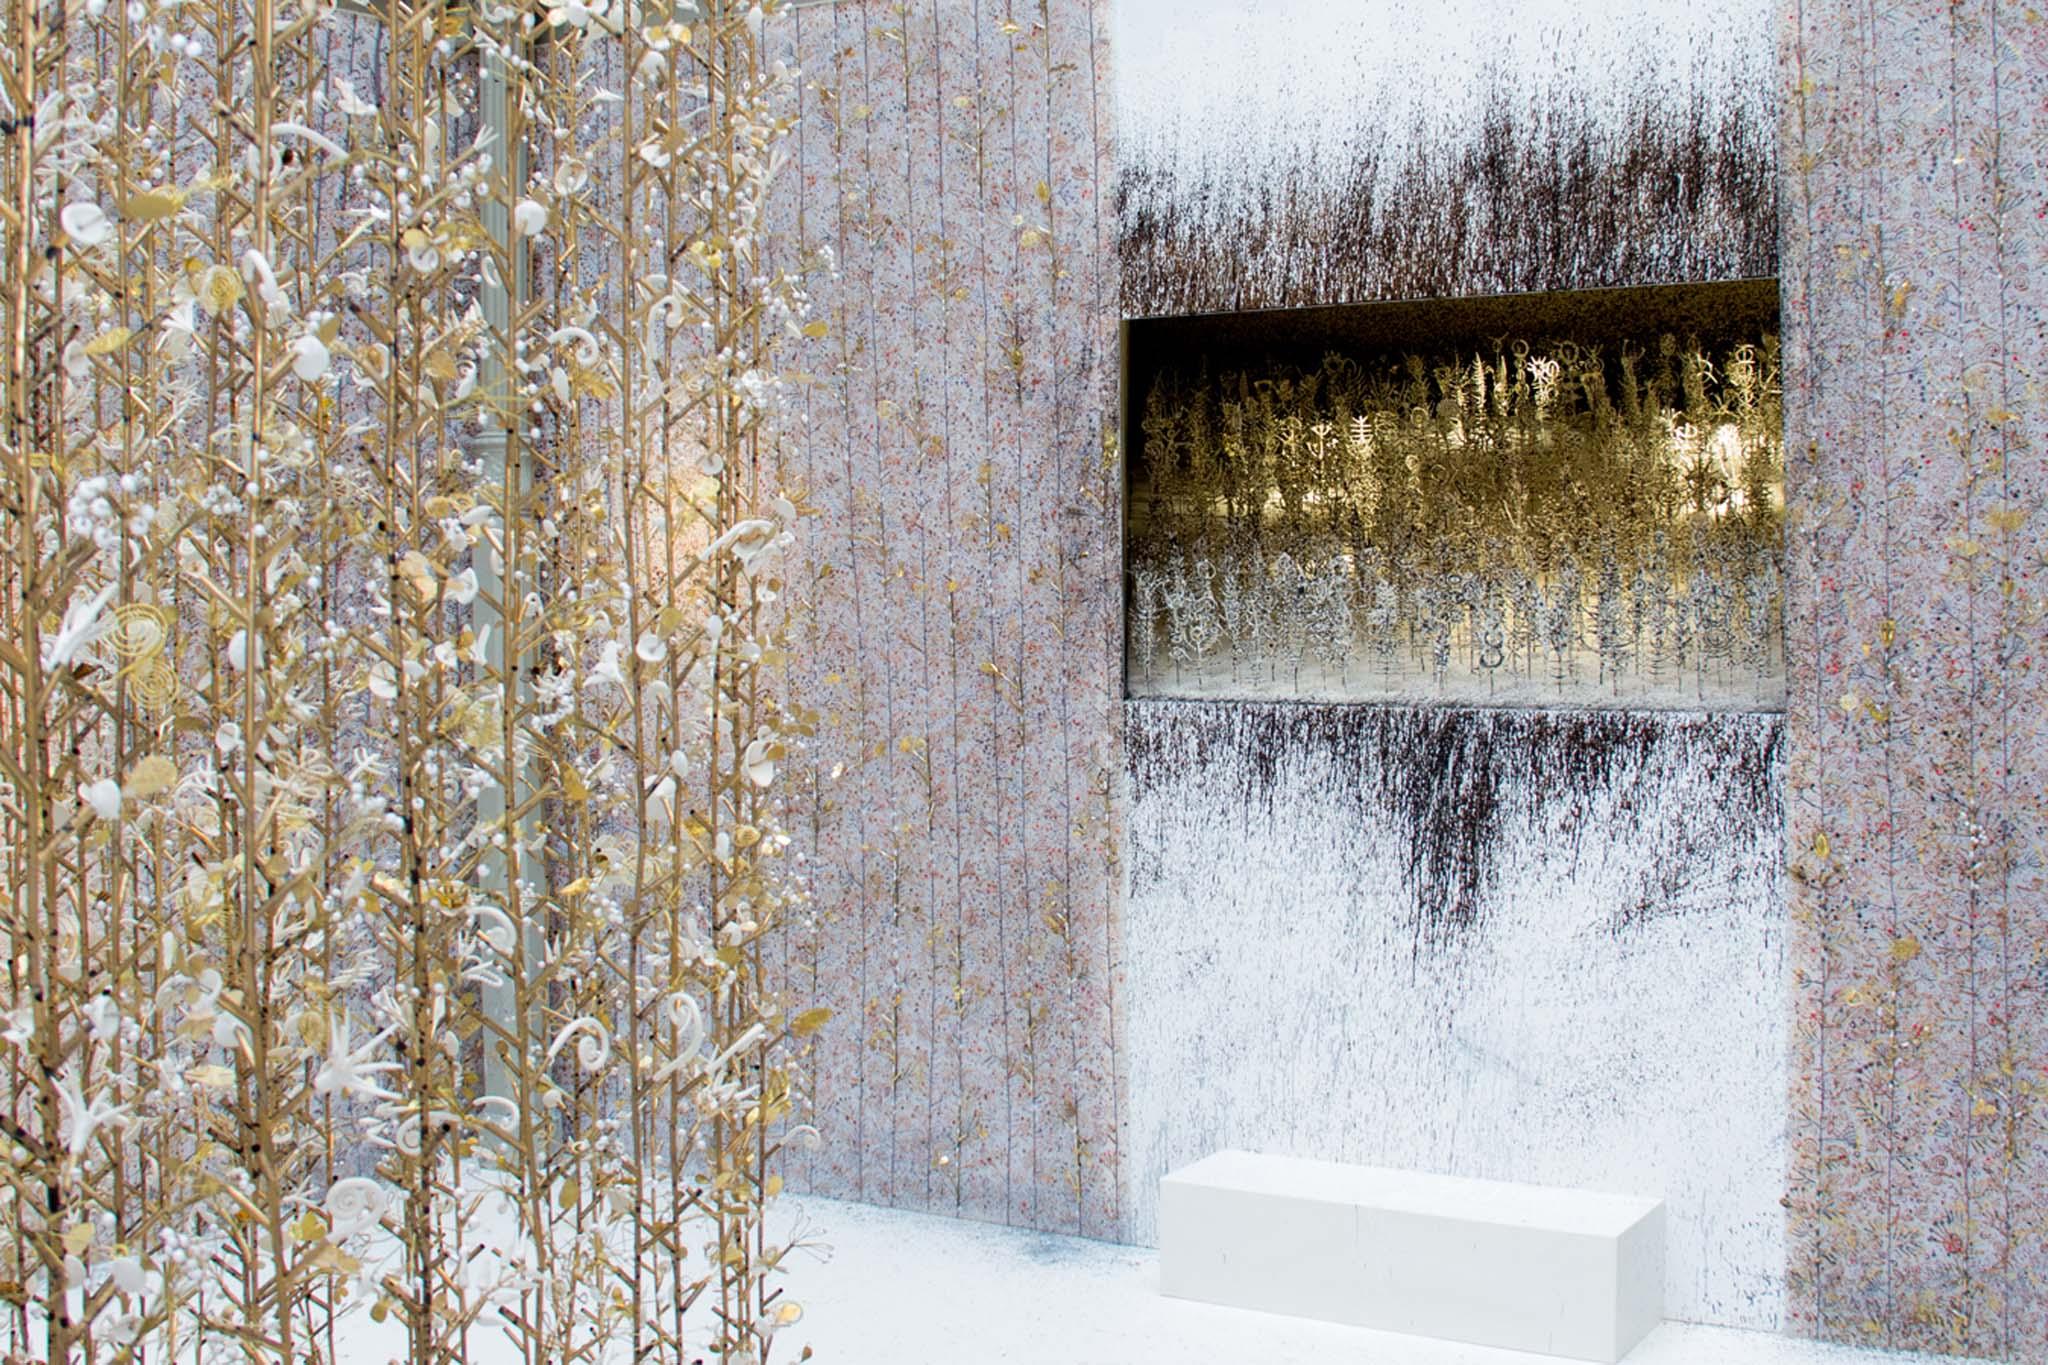 Hanging garden jardin suspendu kris ruhs la galerie for Jardin suspendu 2015